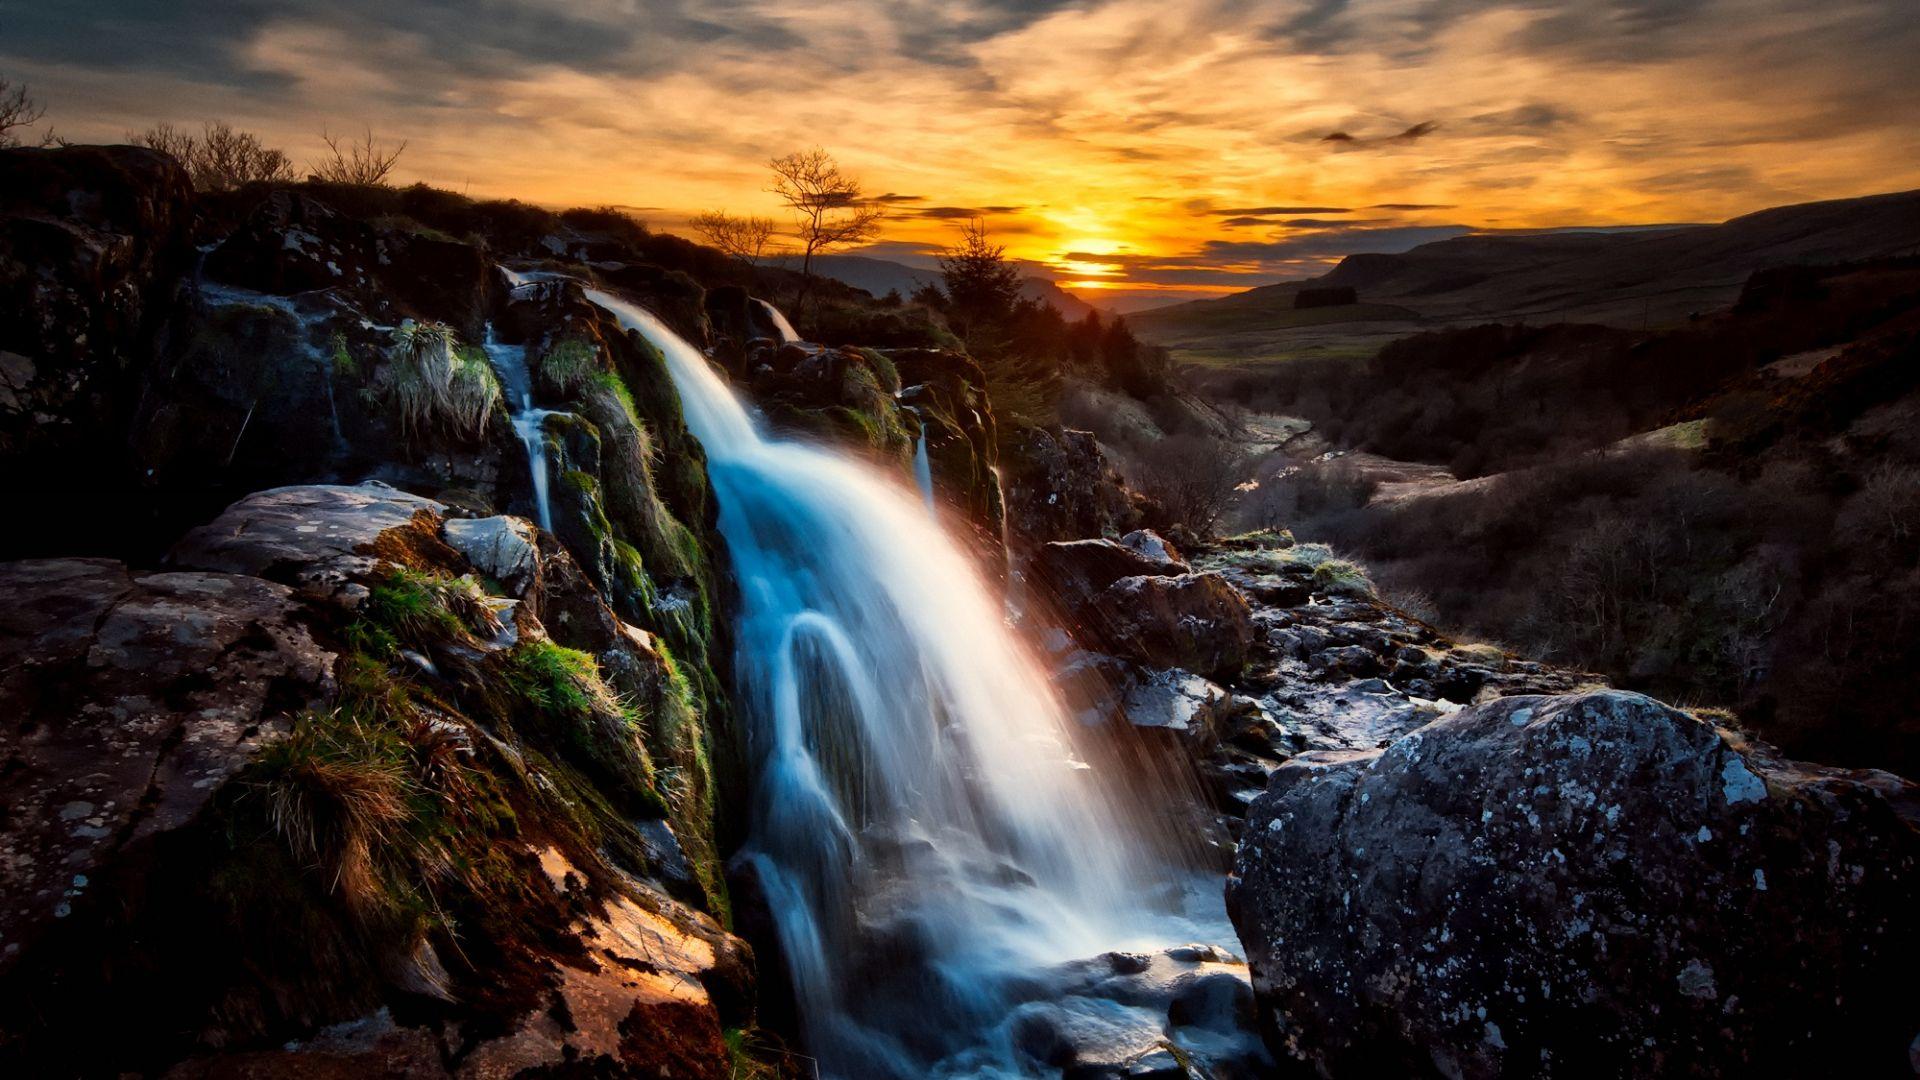 Wallpaper Scotland waterfall, sunset, rocks, nature